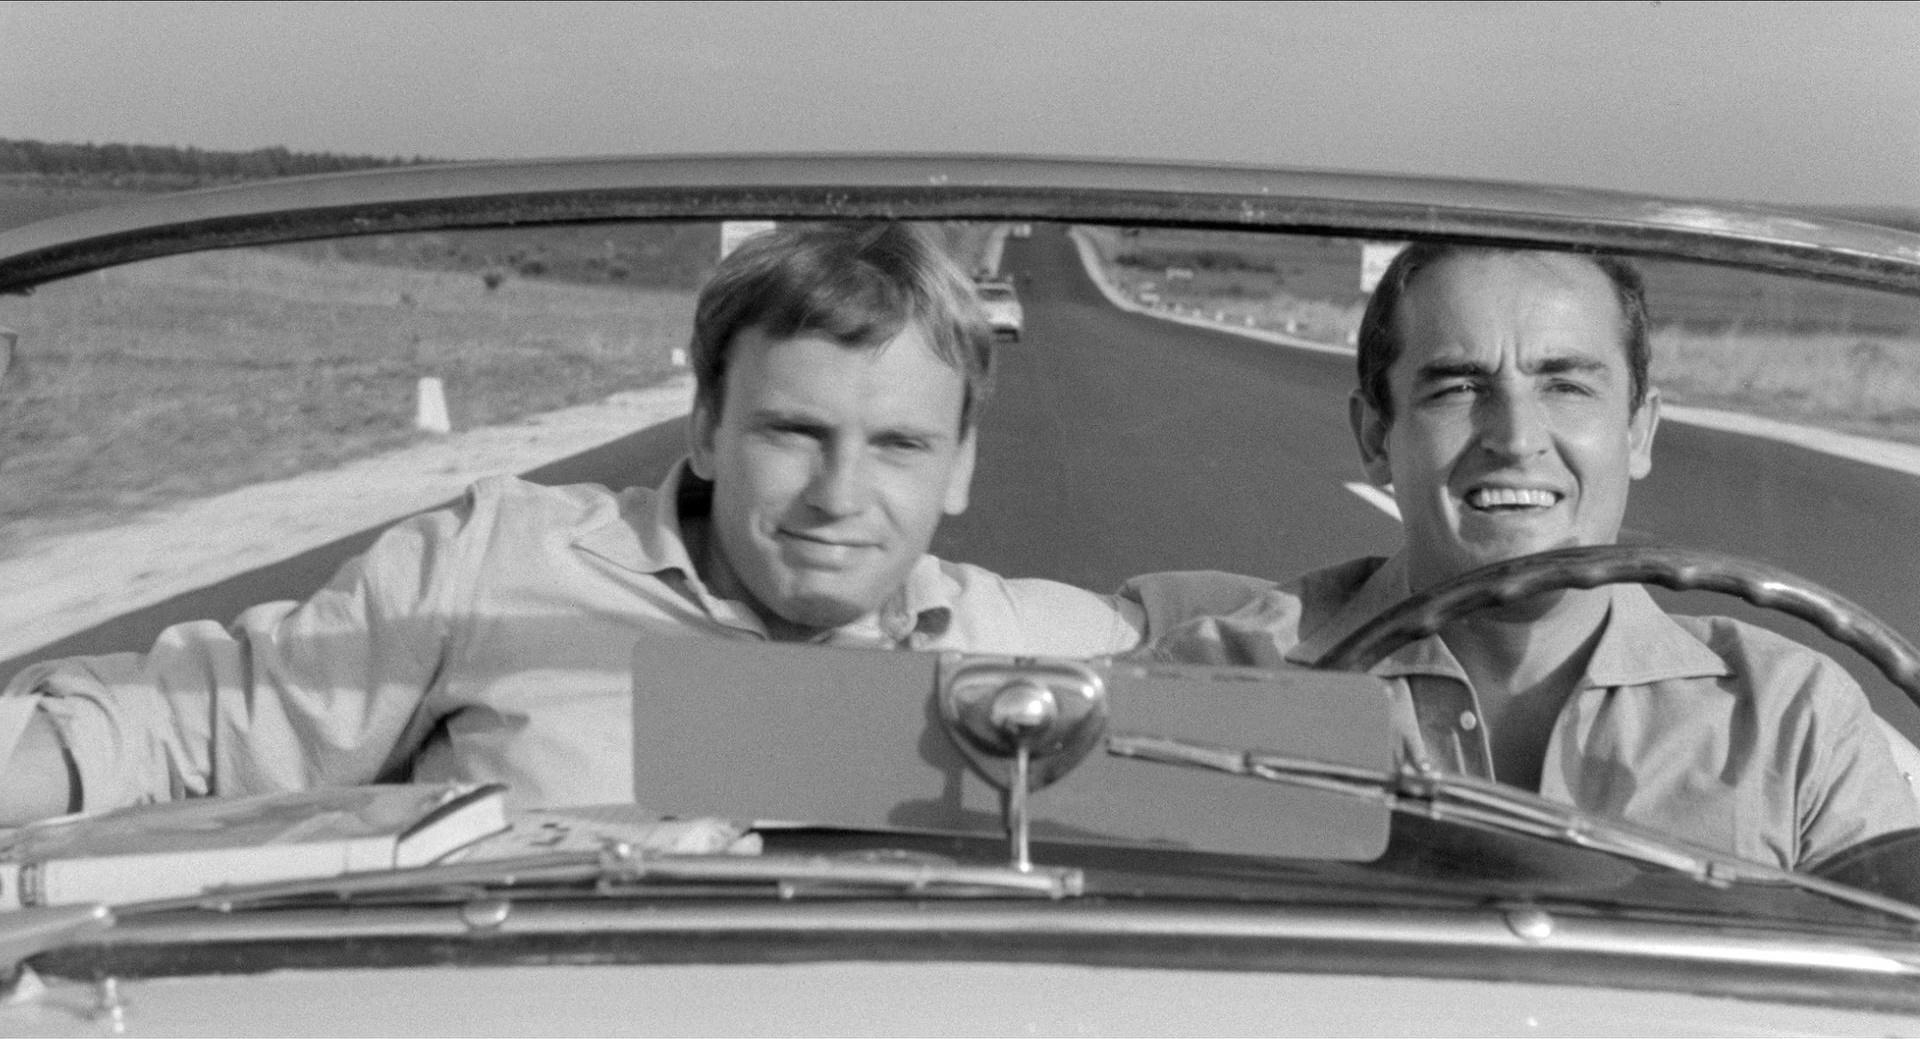 Immagine tratta dal film 'Il sorpasso' del 1962.